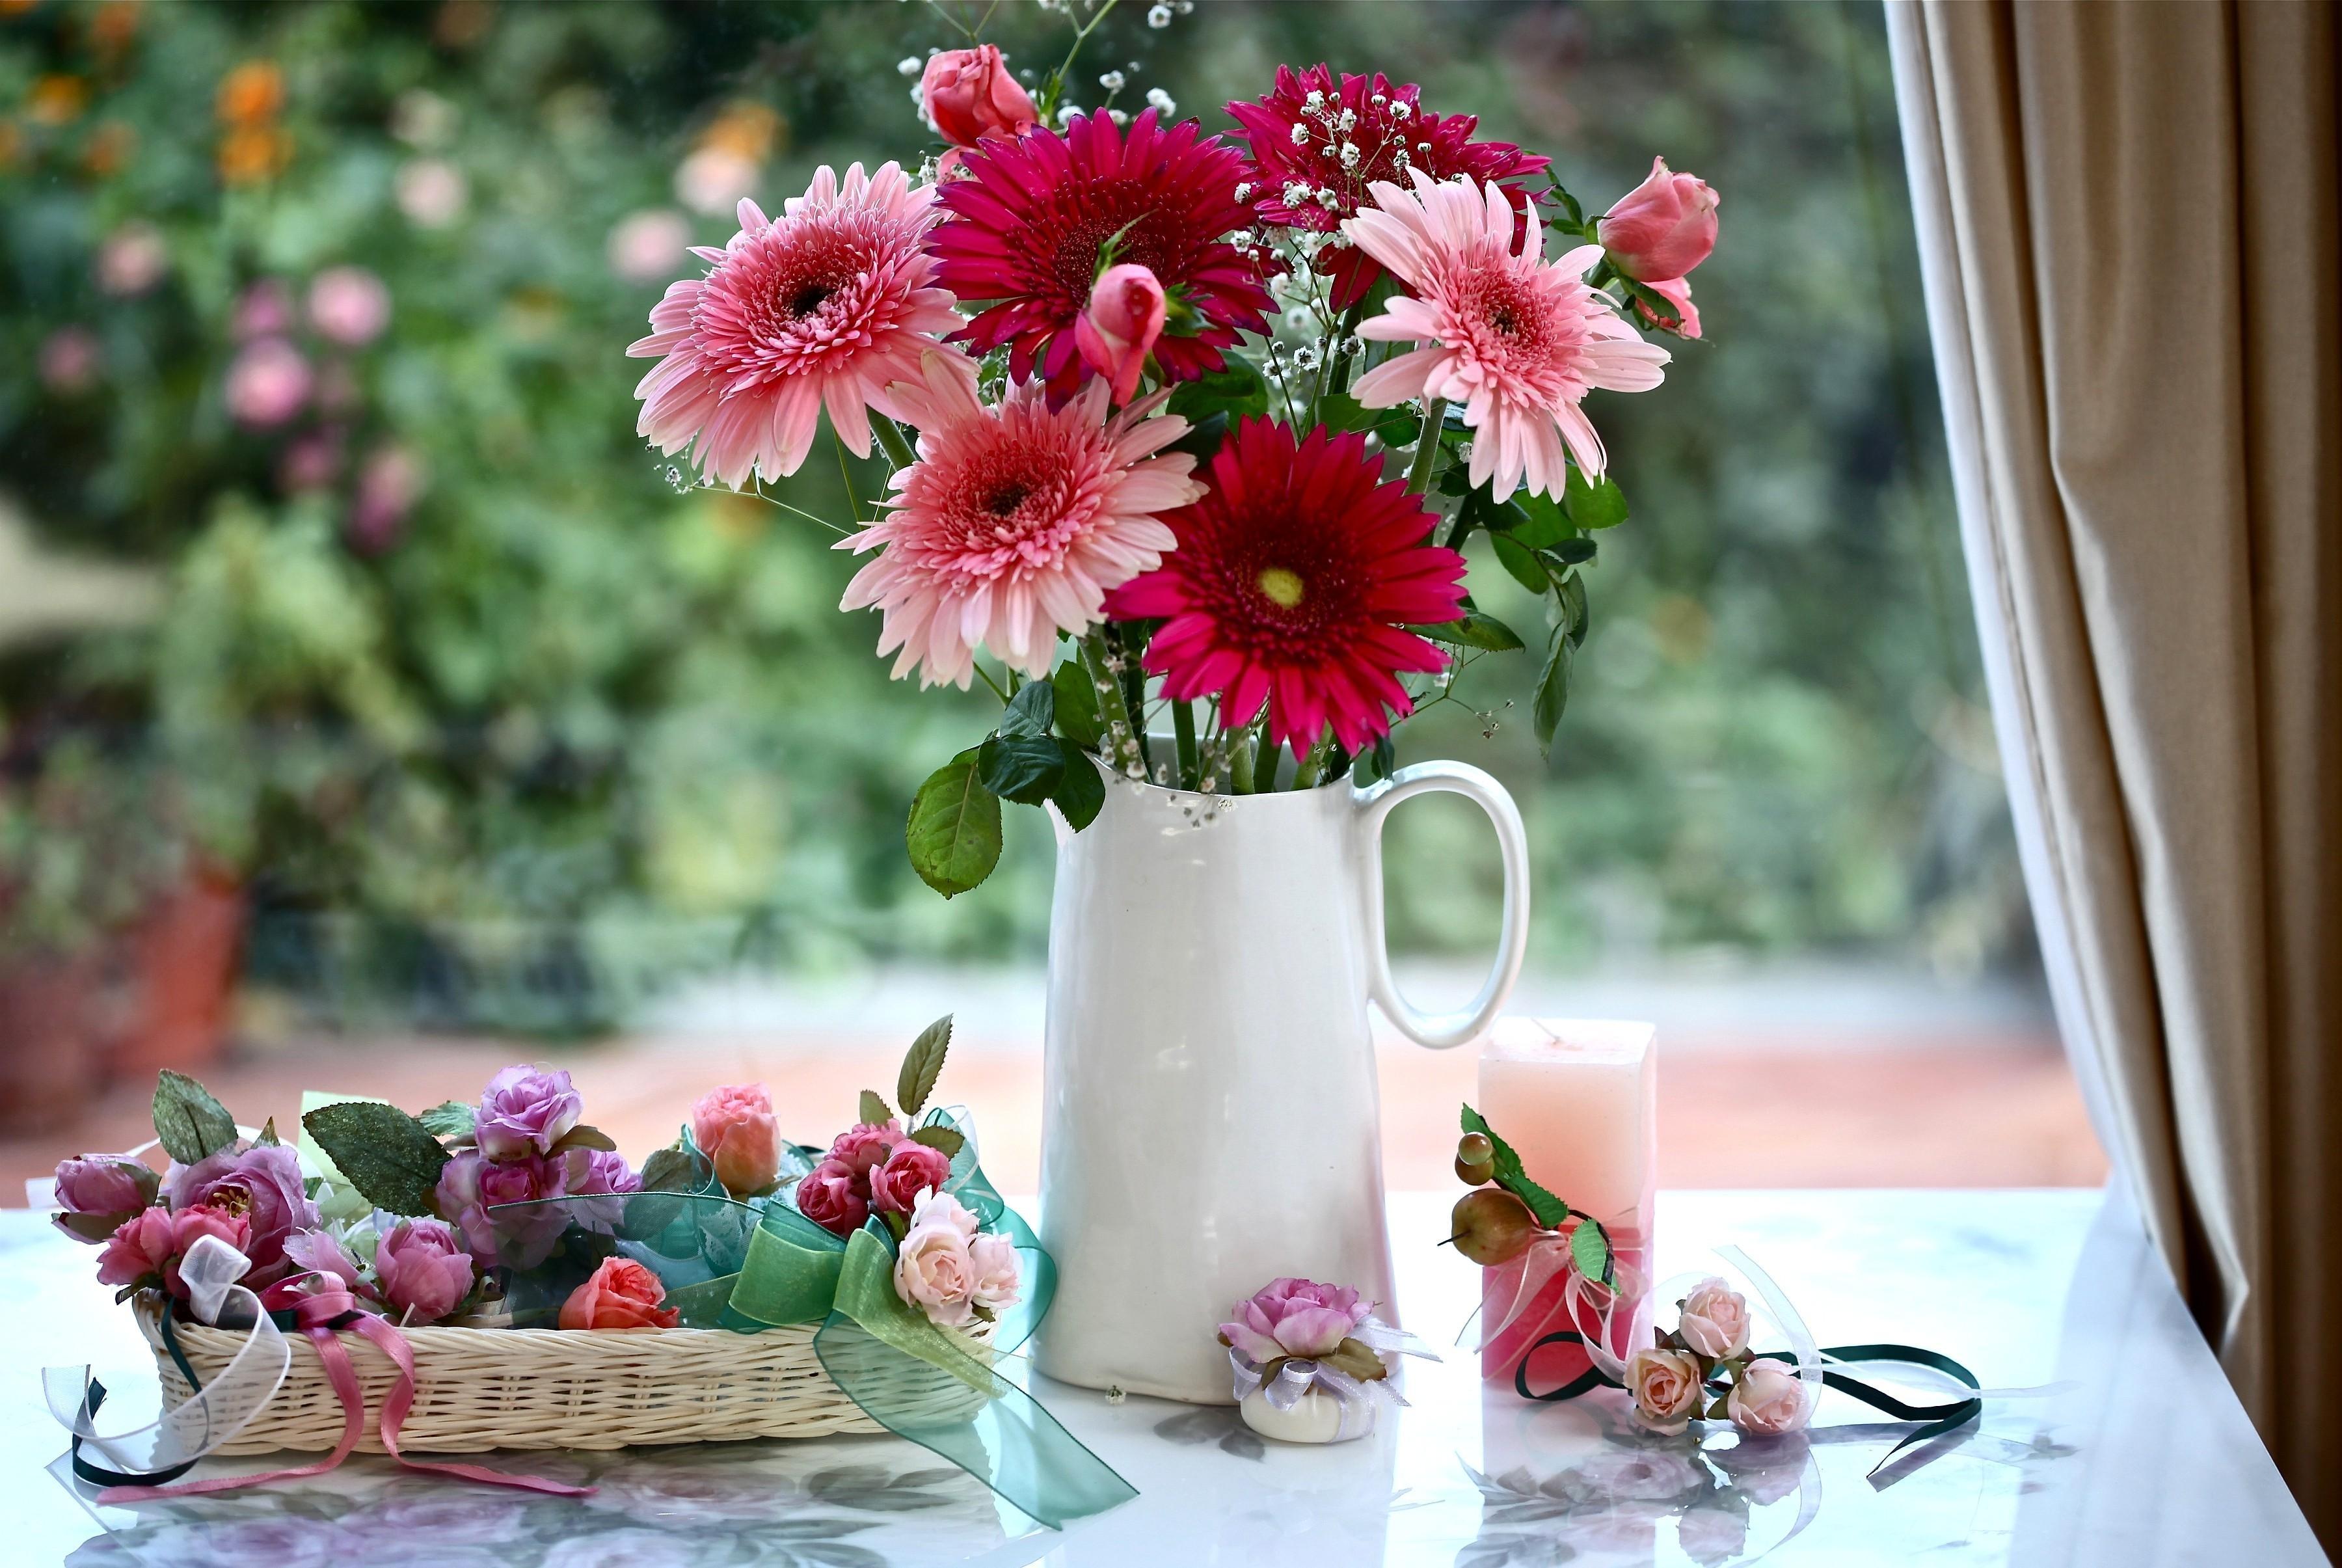 89124 скачать обои Цветы, Гипсофил, Кувшин, Корзинка, Свеча, Оформление, Розы, Герберы - заставки и картинки бесплатно